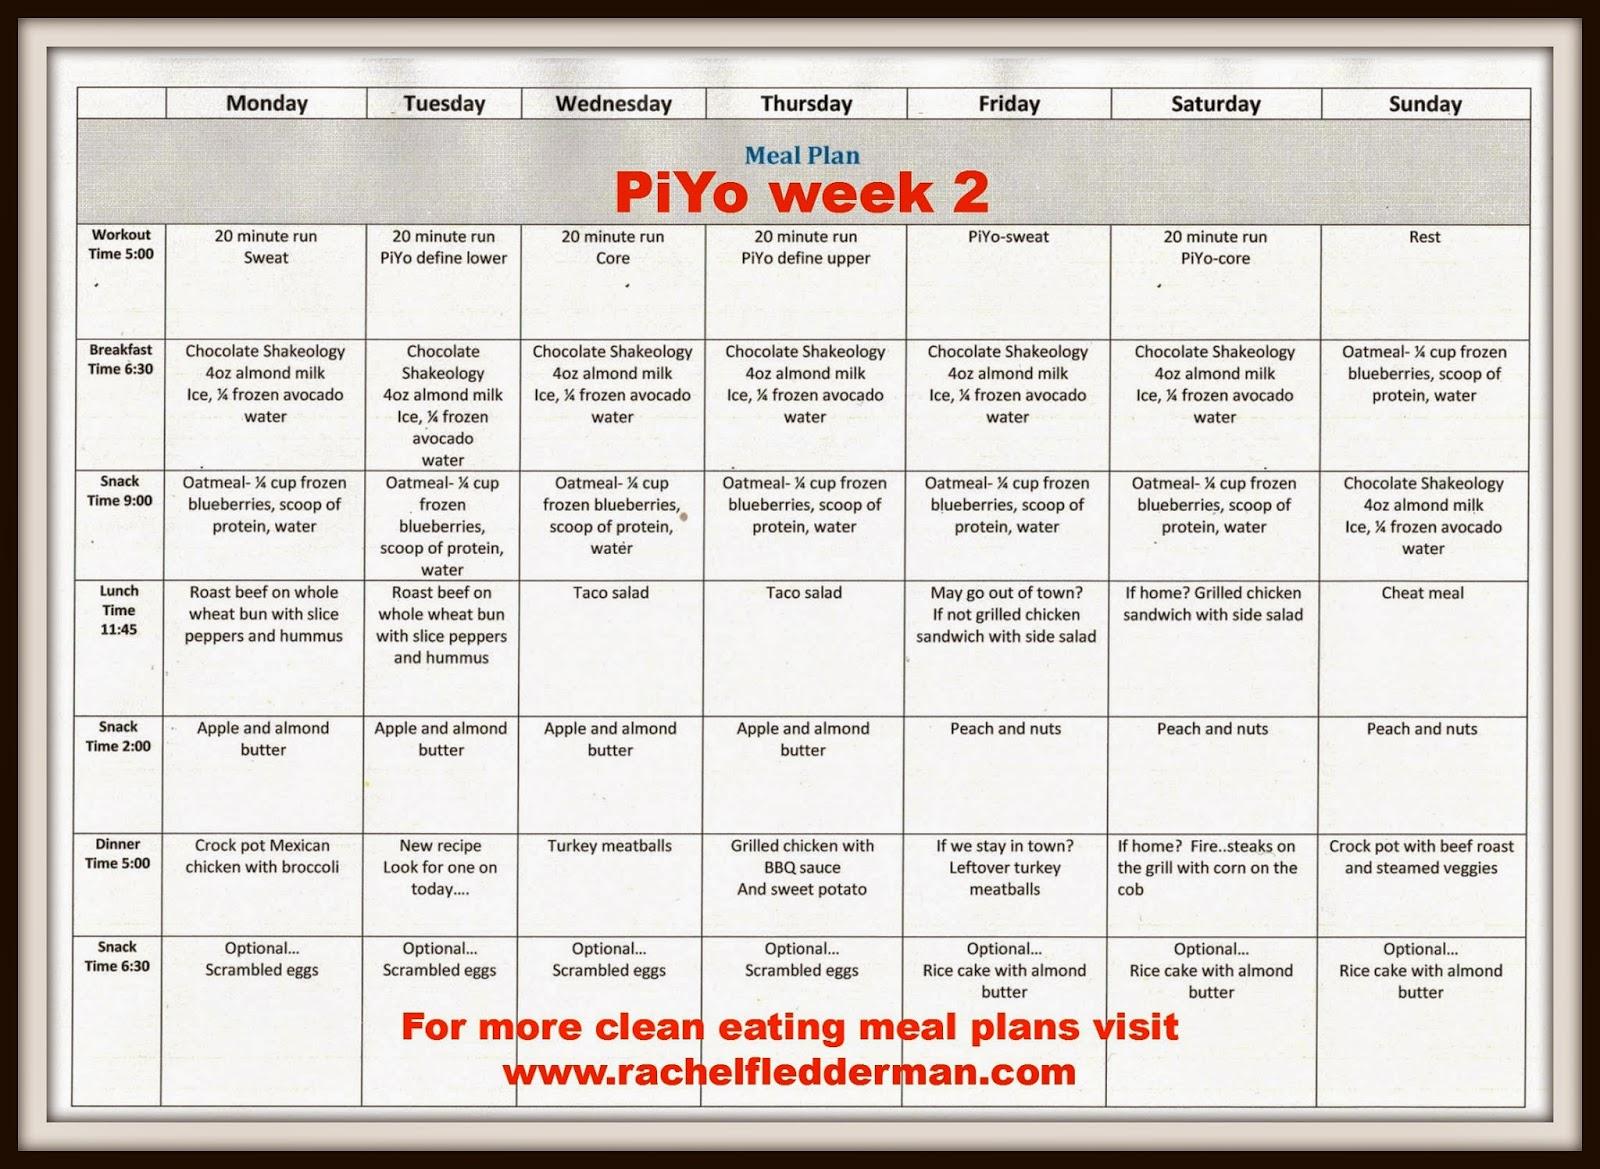 clean eating meets country girl piyo week 2 meal plan